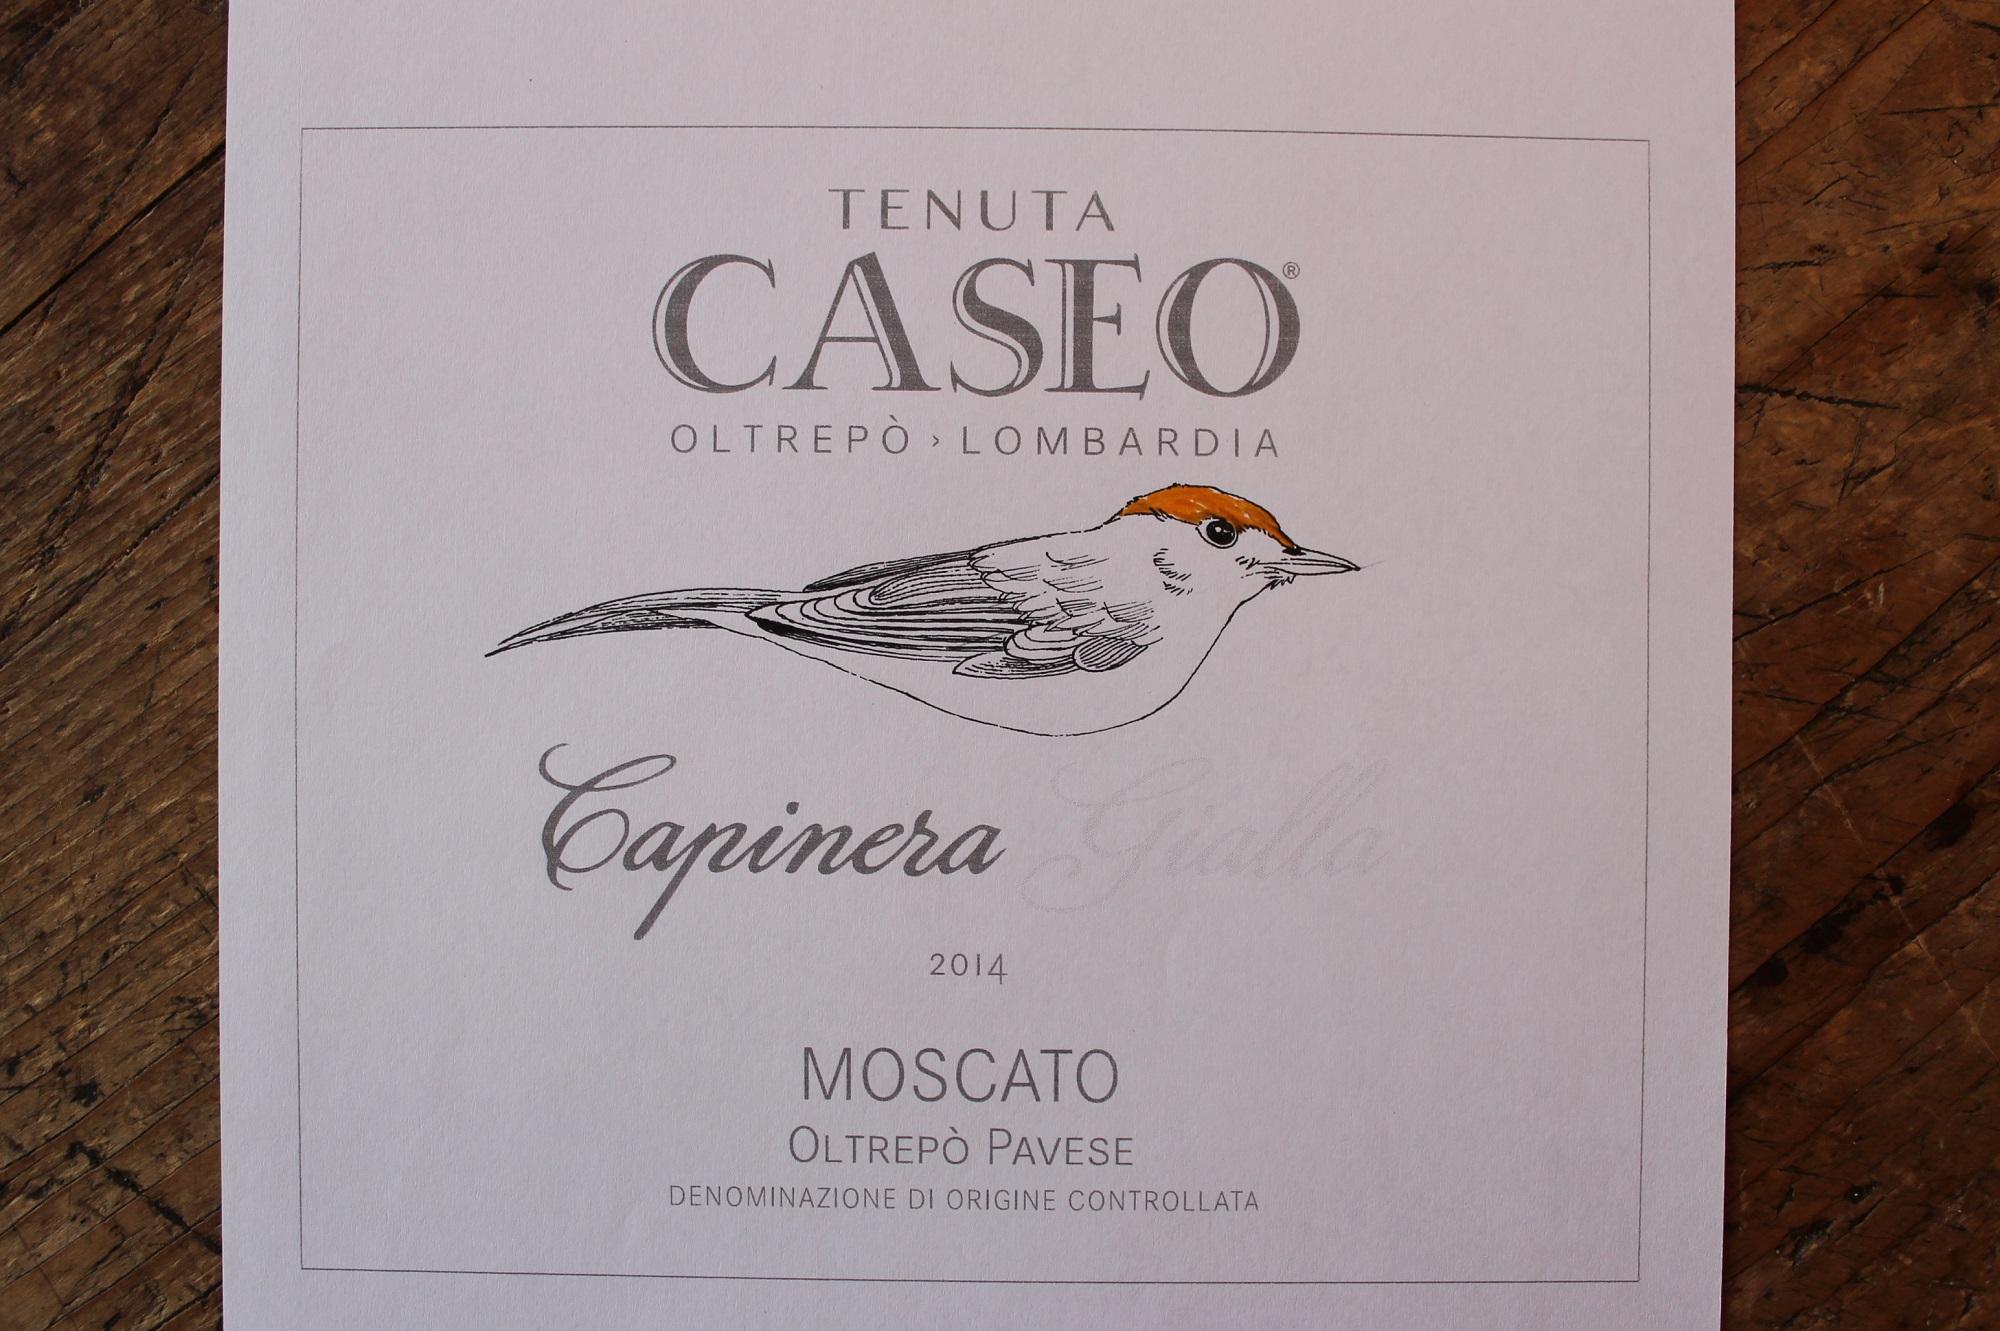 prova etichetta vino Capinera Gialla Moscato Tenuta CASEO